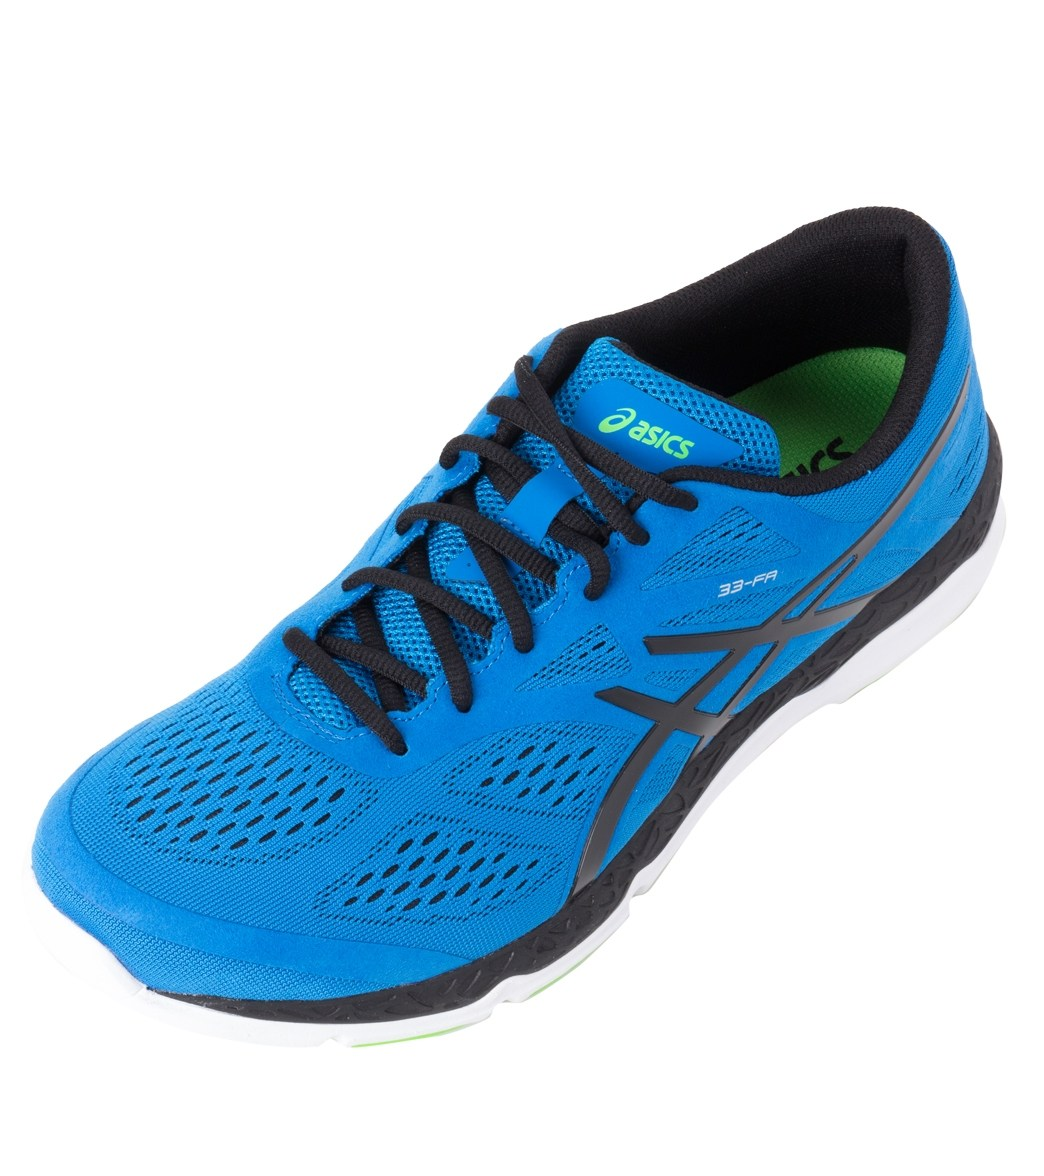 Chaussures de course Asics de Hommes 33 FA Bleu Hommes/ Asics Noir sur 22c26cc - nobopintu.website